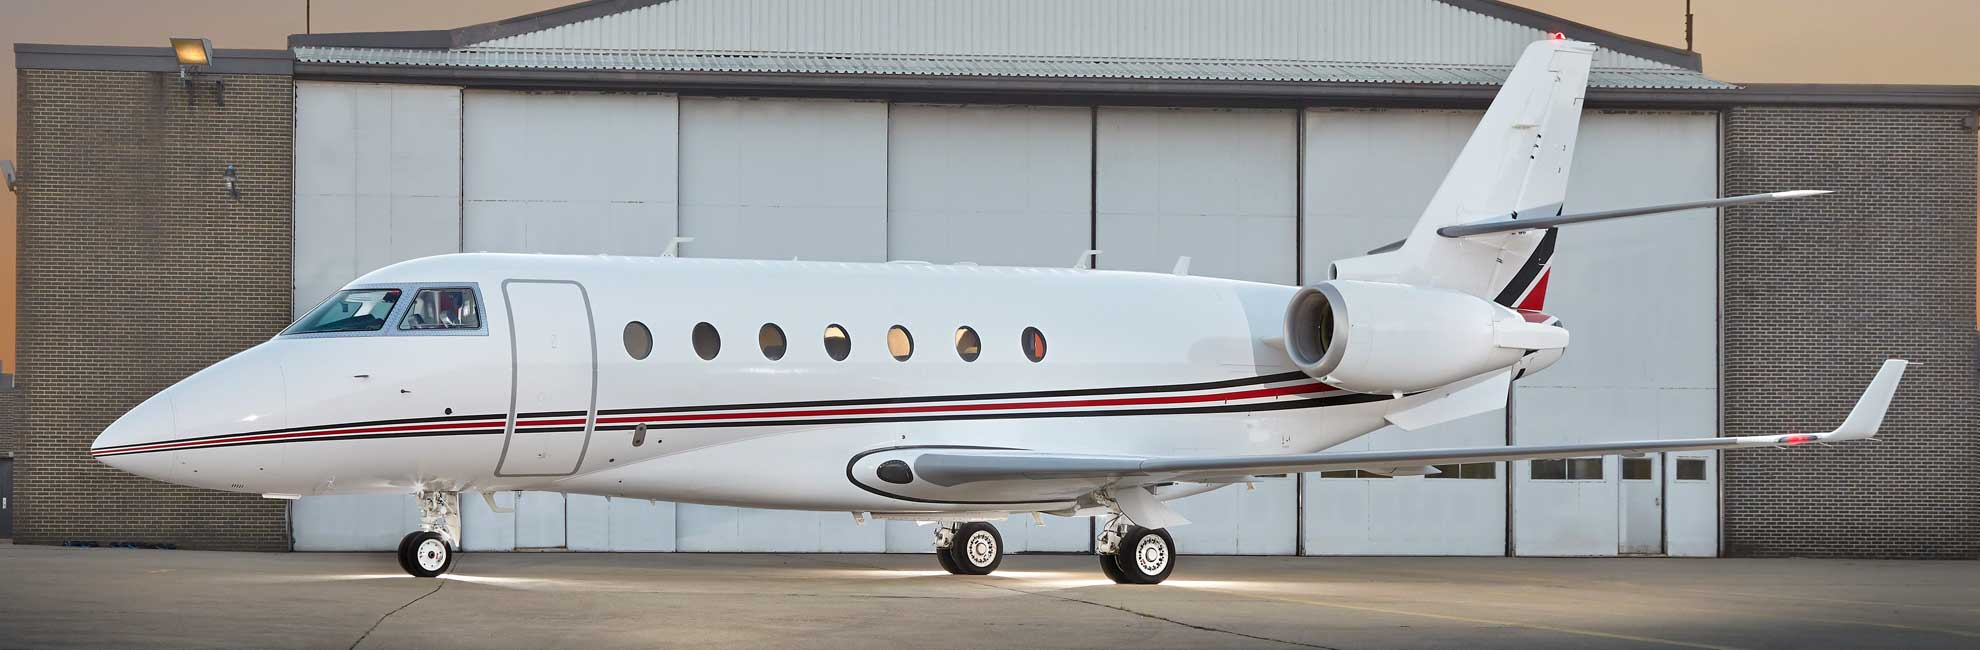 Gulfstream-G200